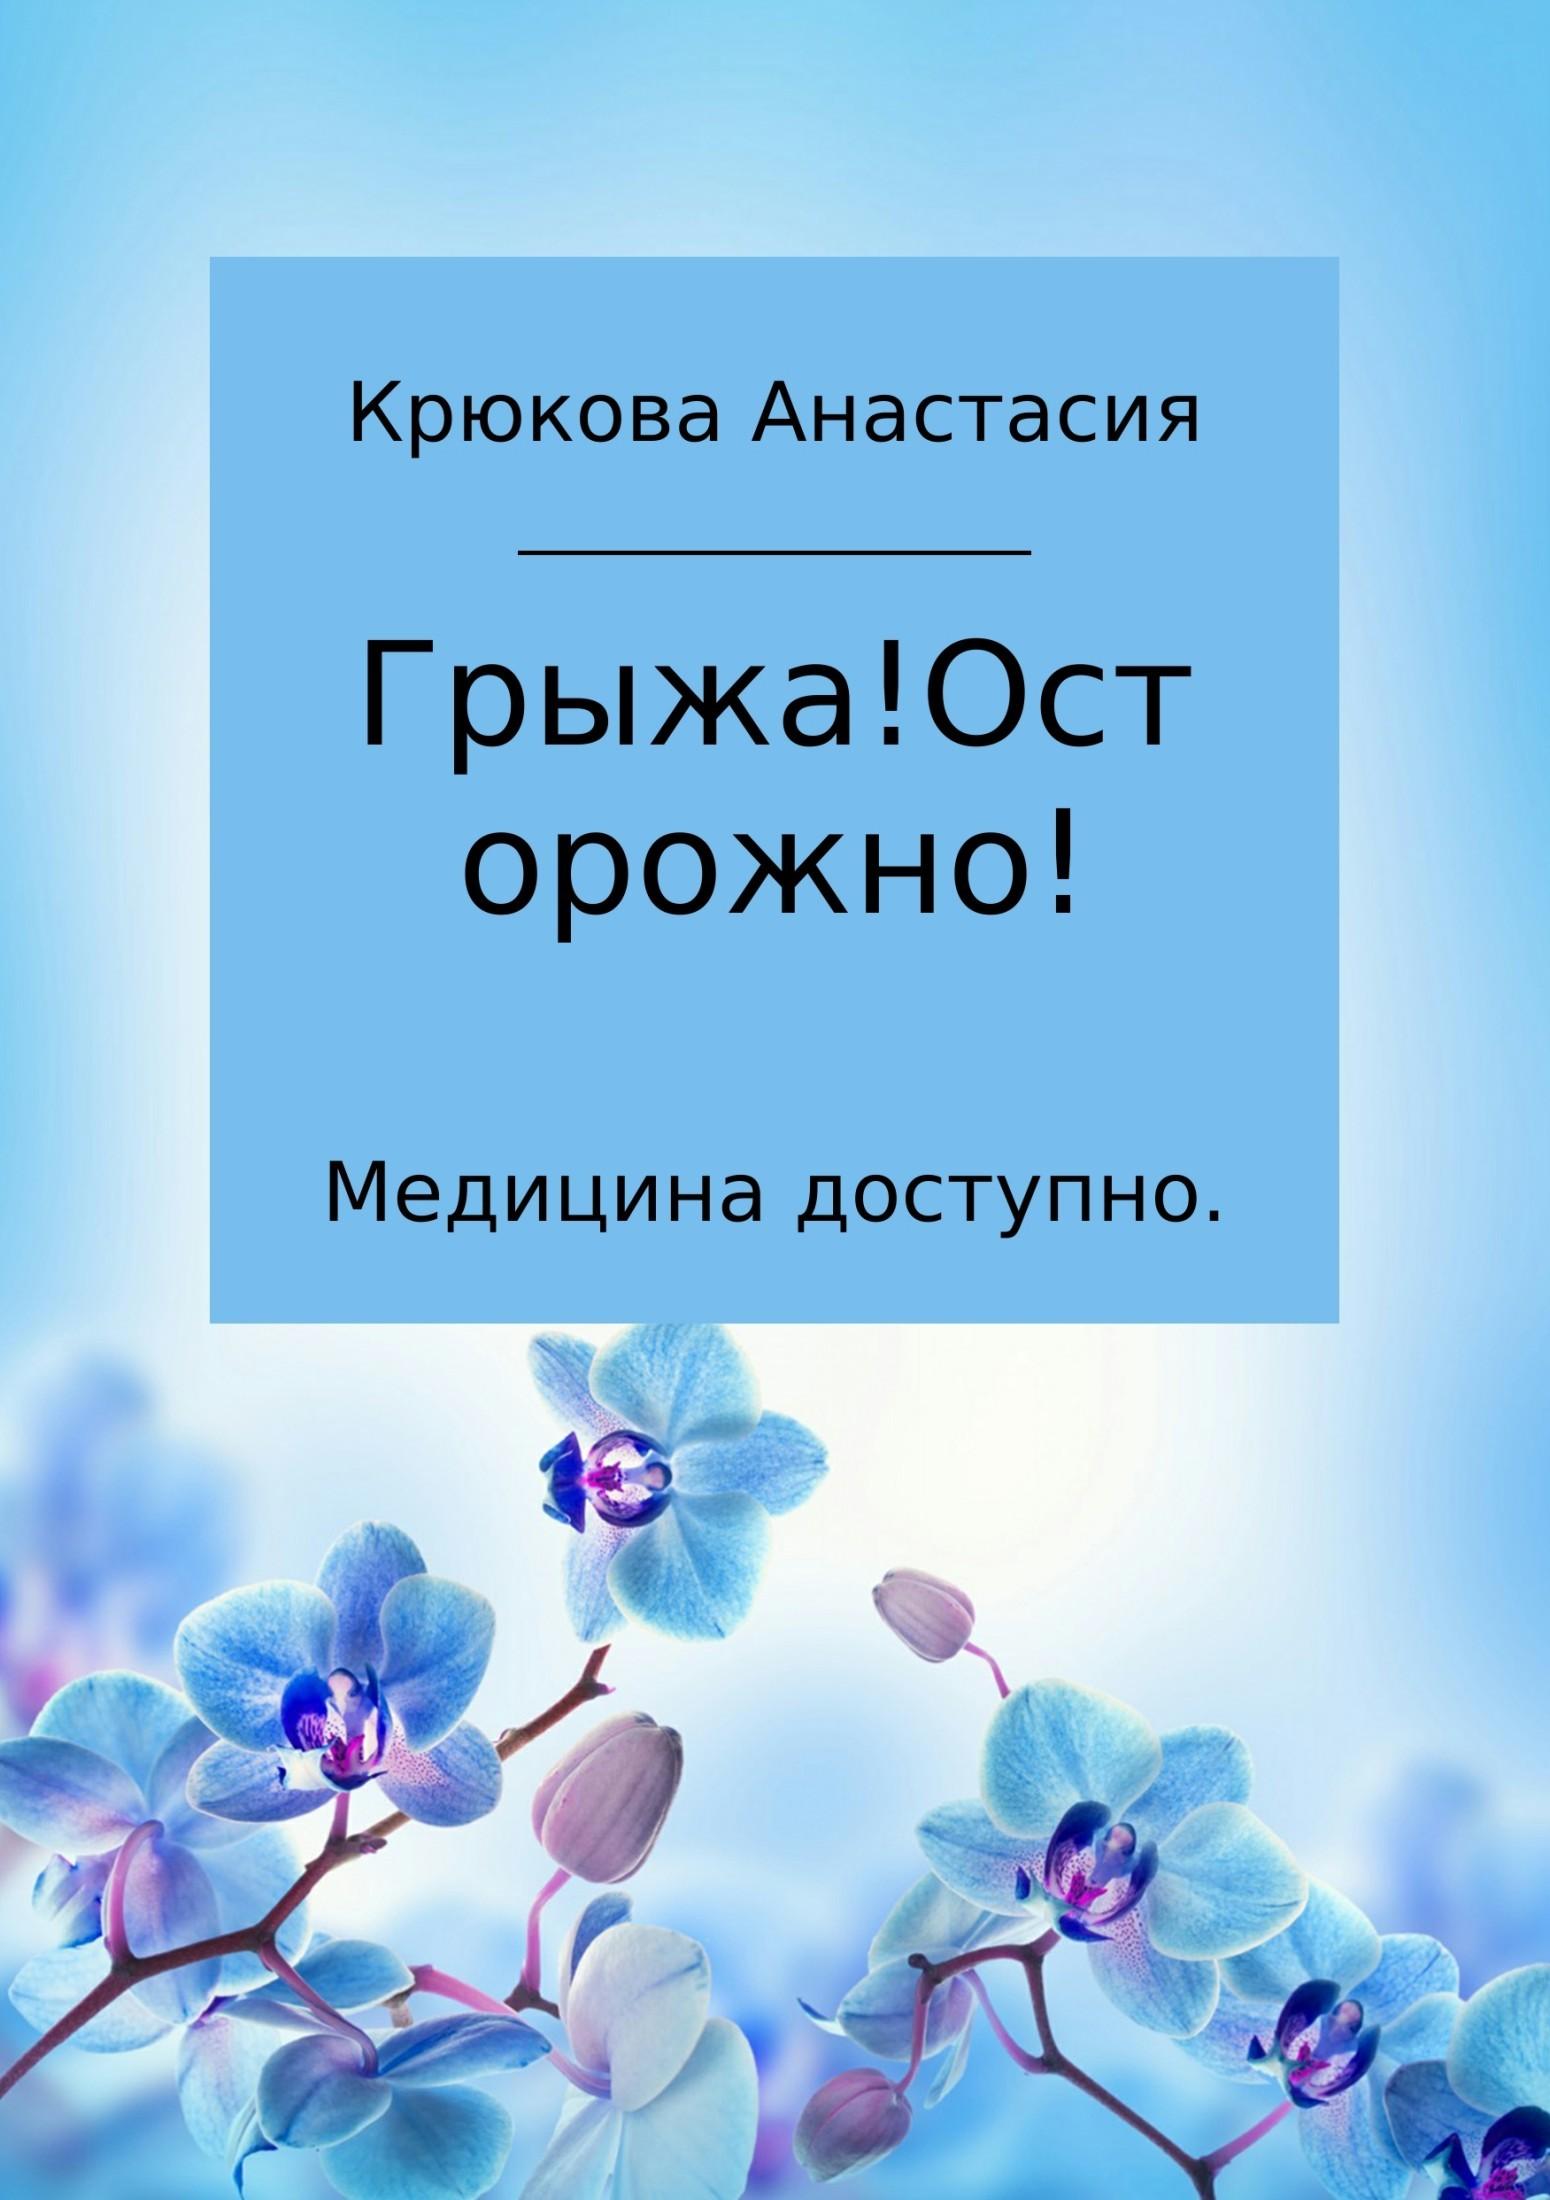 Анастасия Сергеевна Крюкова Медицина доступно. Грыжа! Осторожно! ю а нестеренко паховые грыжи реконструкция задней стенки пахового канала